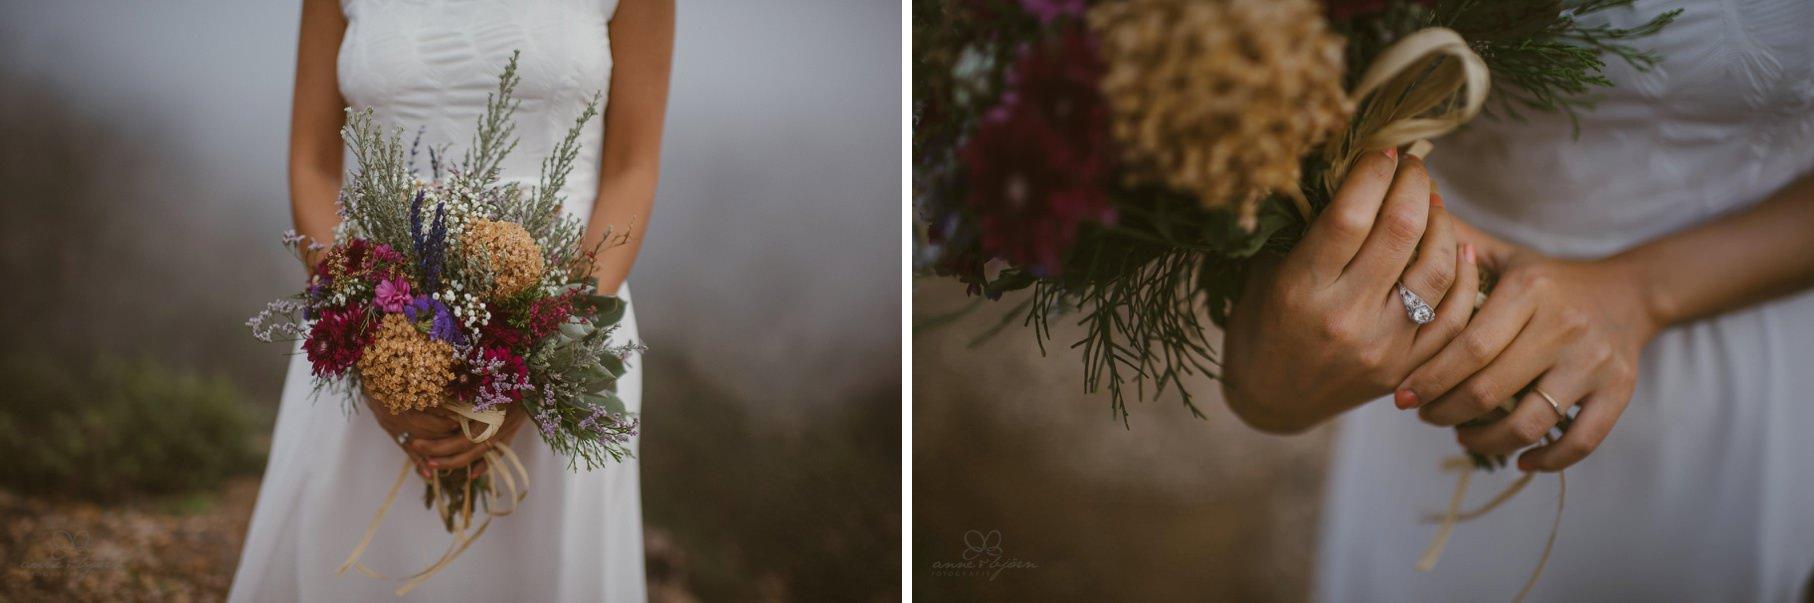 0115 lug d75 7238 - Hochzeit auf Gran Canaria - Linda & Gerald (Elopement)